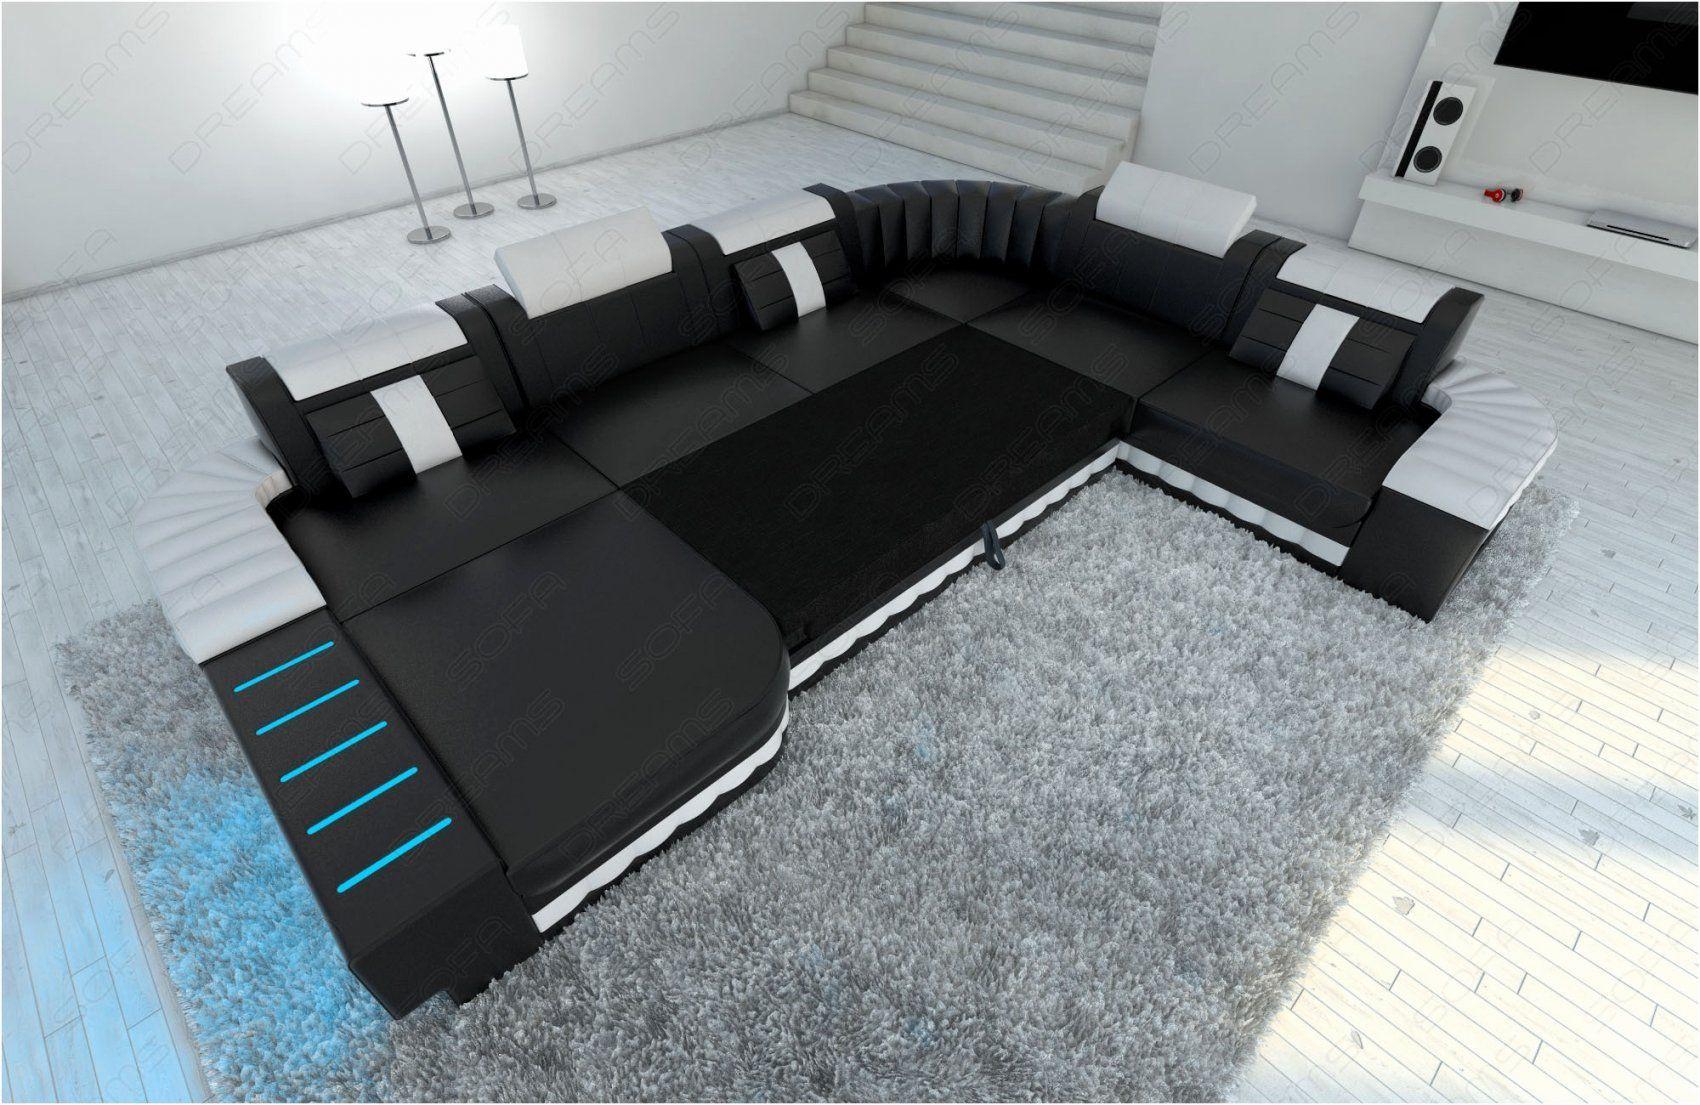 Luxus Poco Big Sofa Schon Home Ideen Bauen Von Couch Mit Von Big Sofa Poco Domane Photo Wohnen Gunstige Sofas Sofa Design